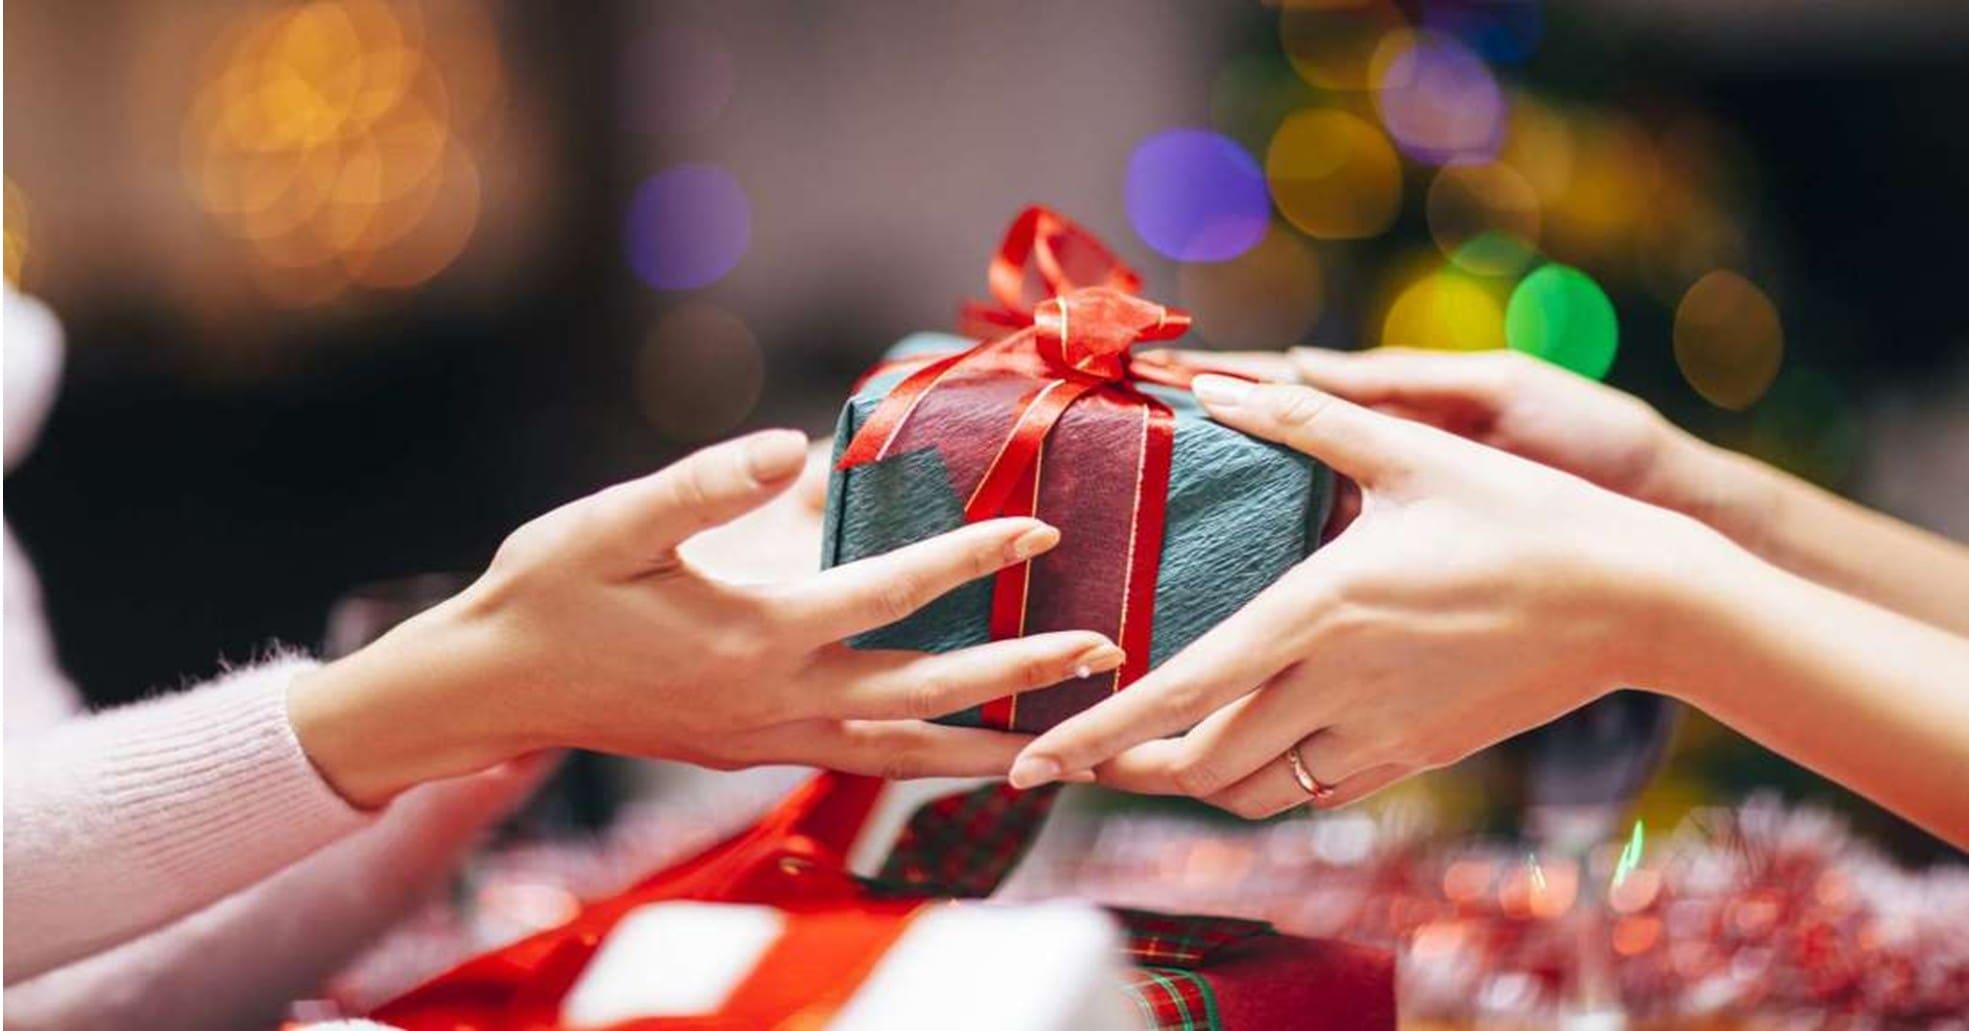 Xác định mục đích của việc tặng quà